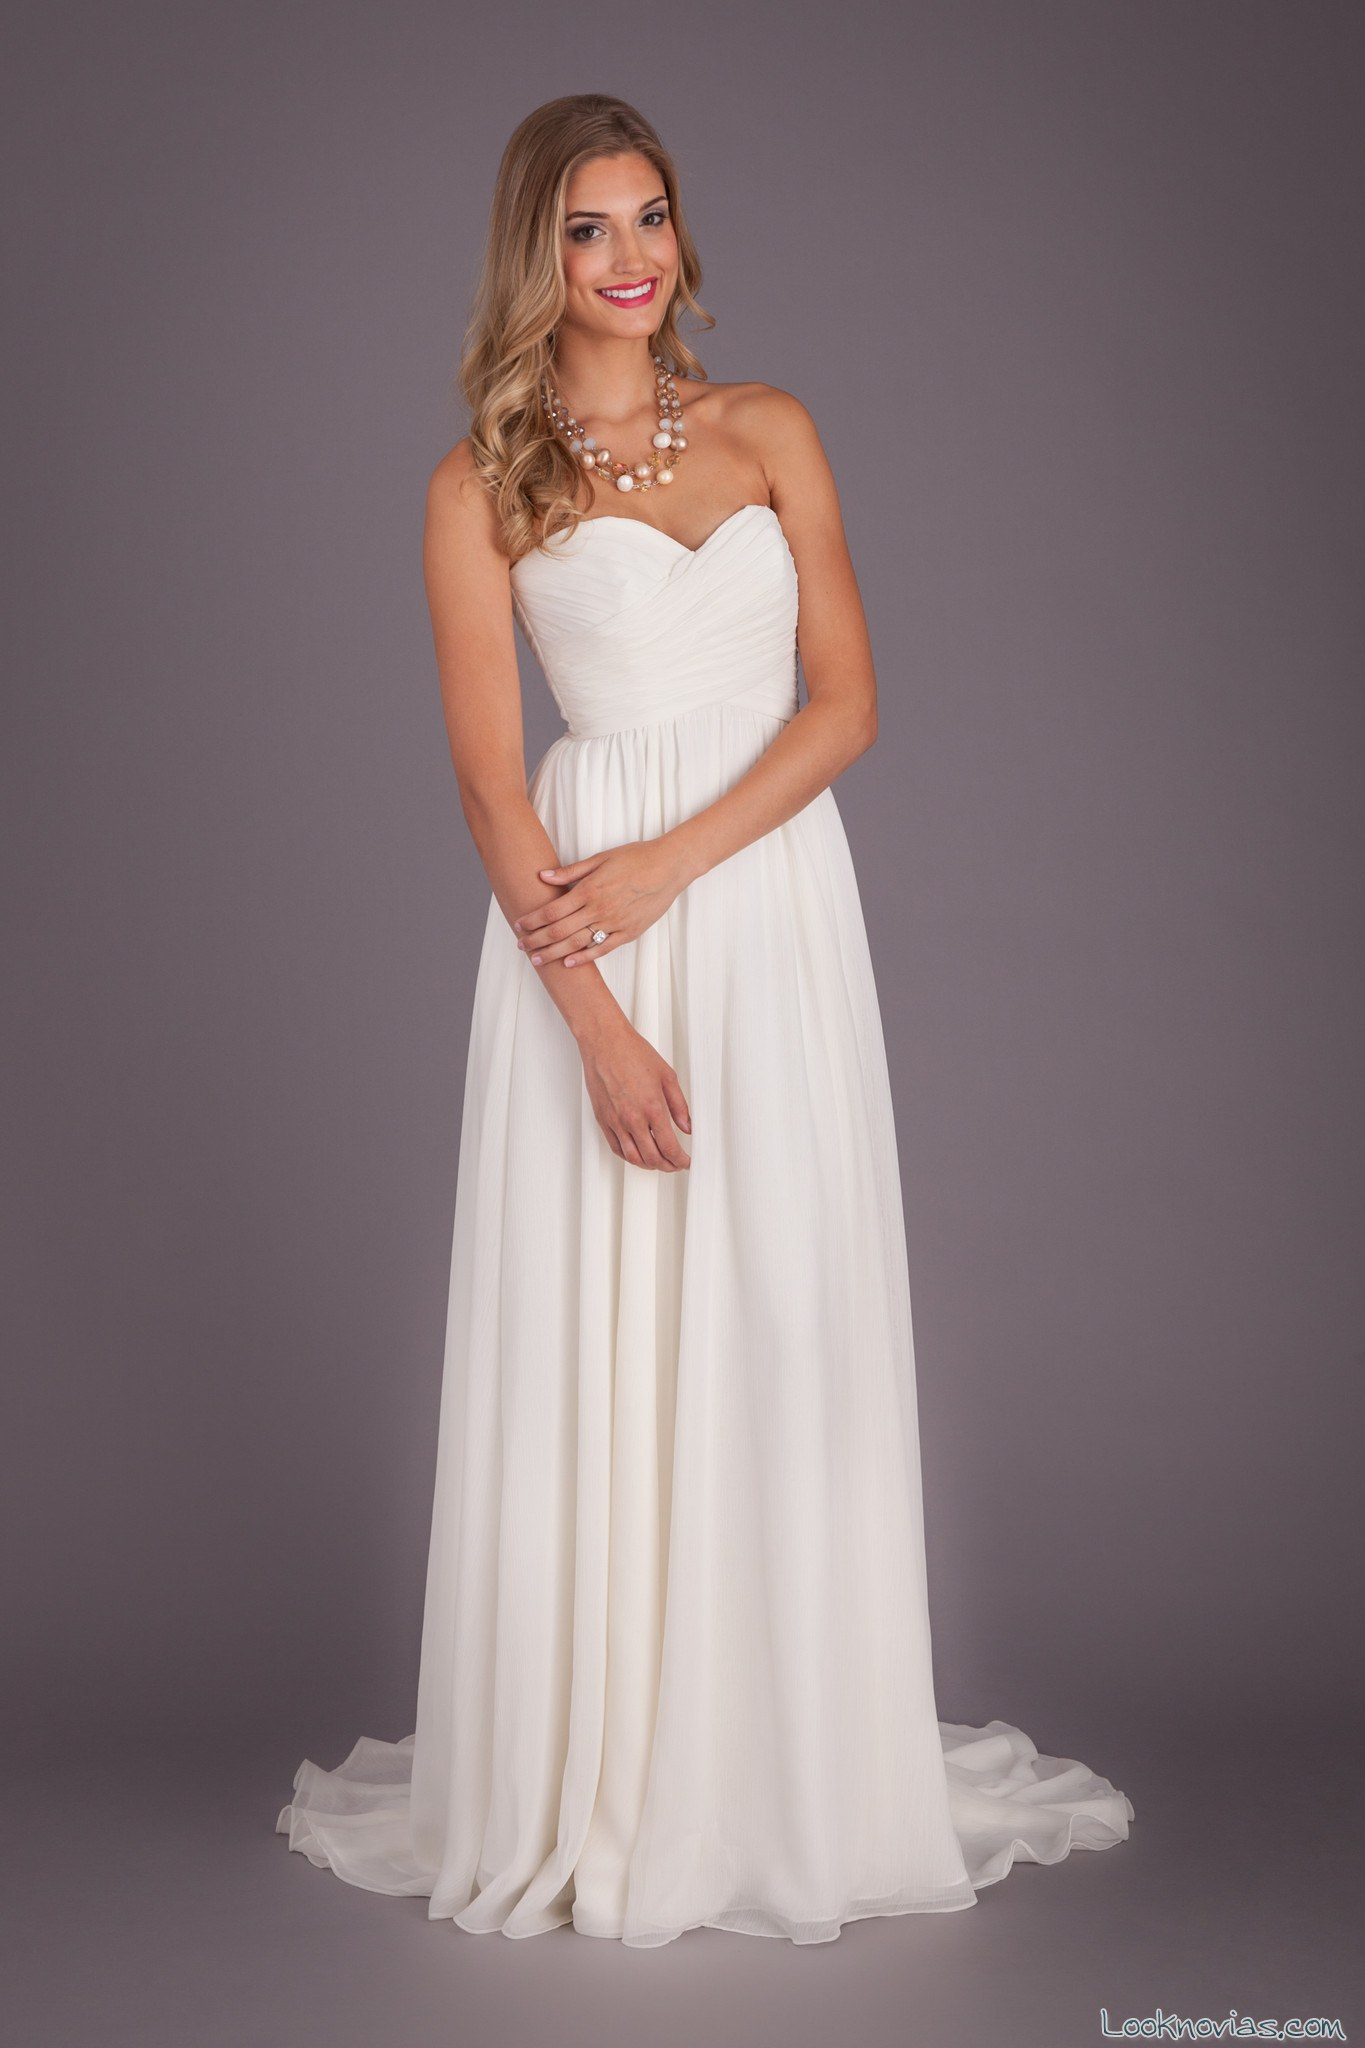 Que significa soСЂС–РІВ±ar con mujer vestida de blanco